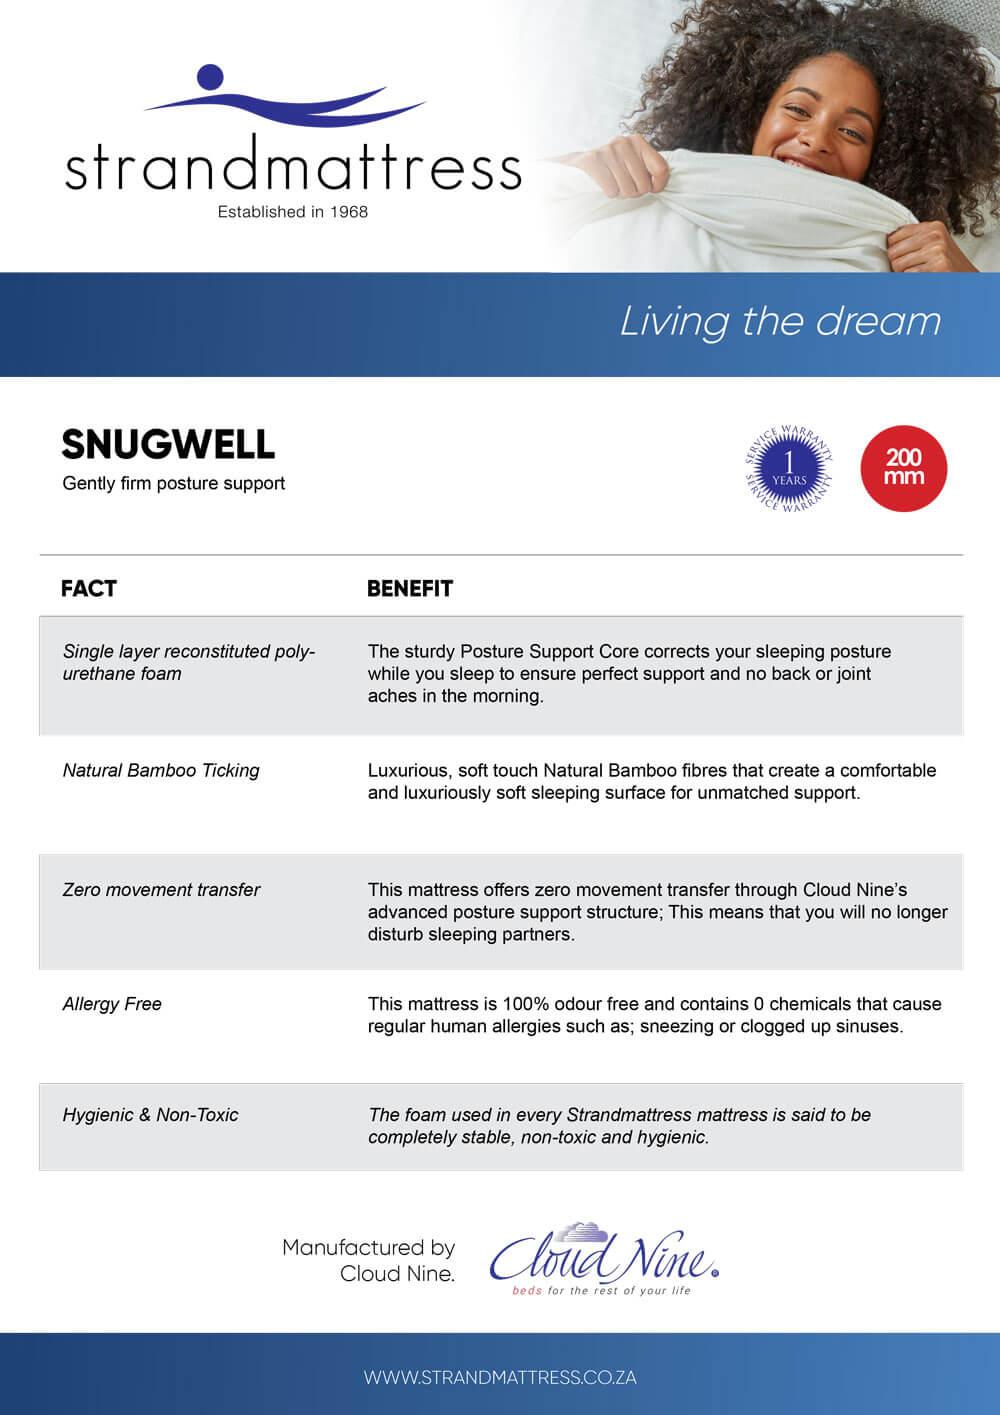 Strandmattress Snugwell